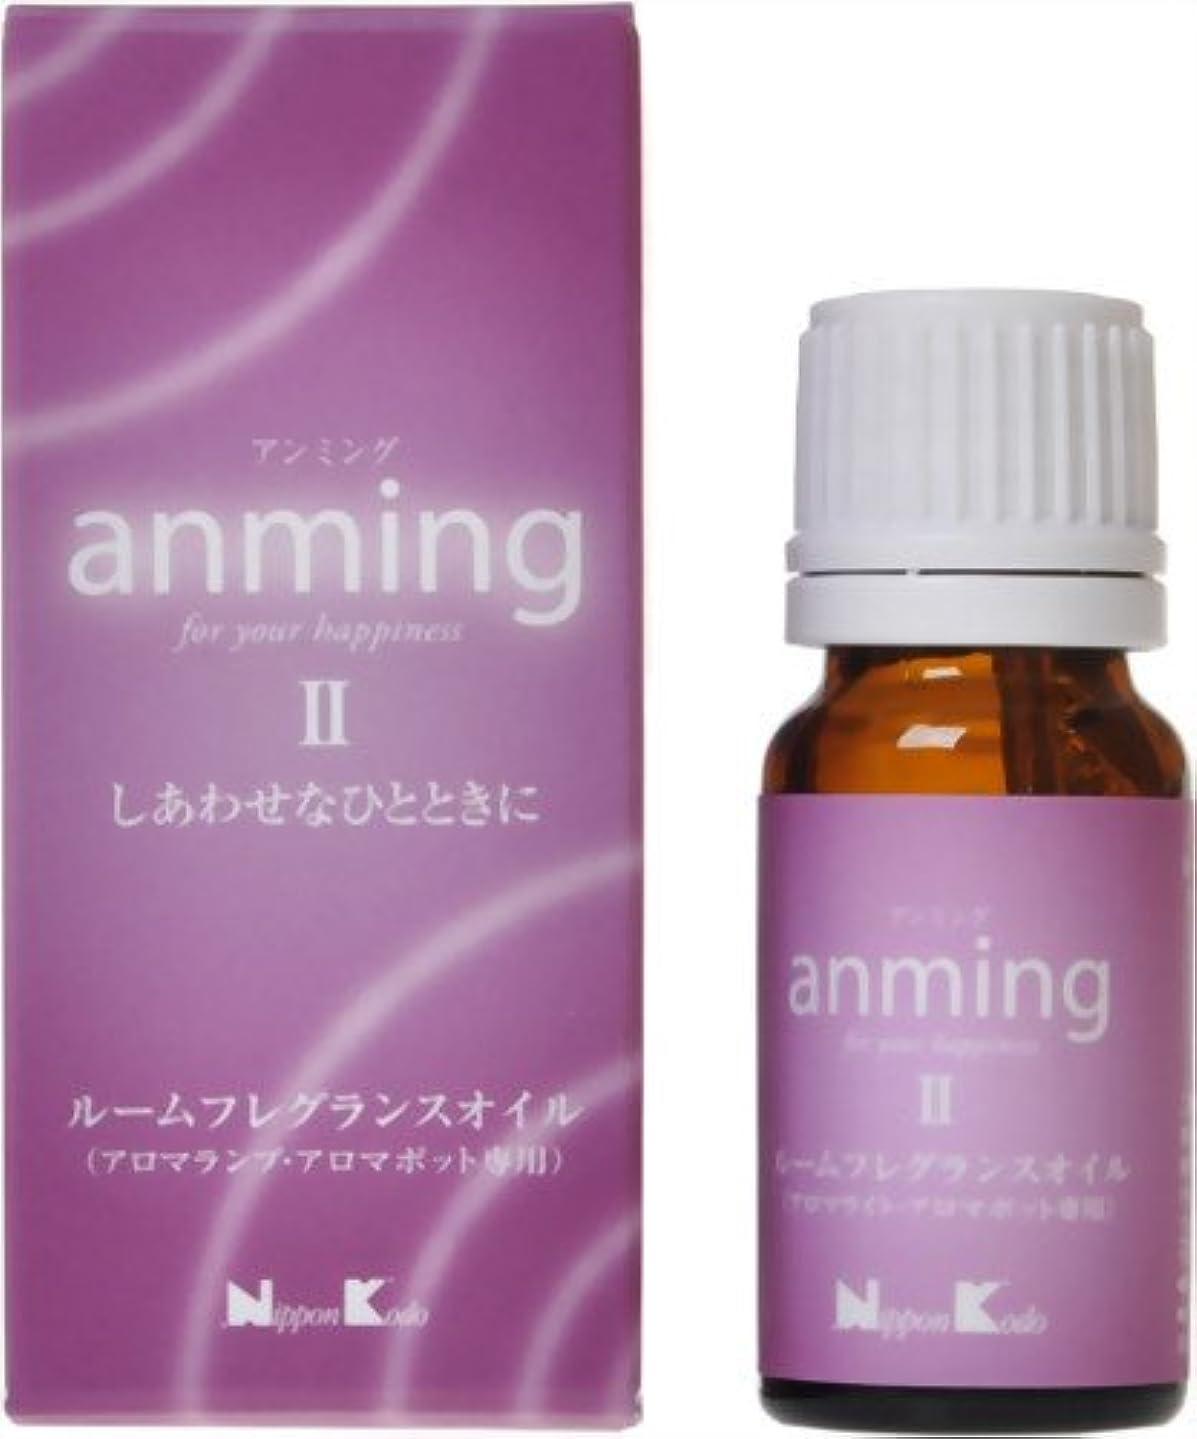 サワー軽減する珍しいanming2(アンミング2) ルームフレグランスオイル 10ml